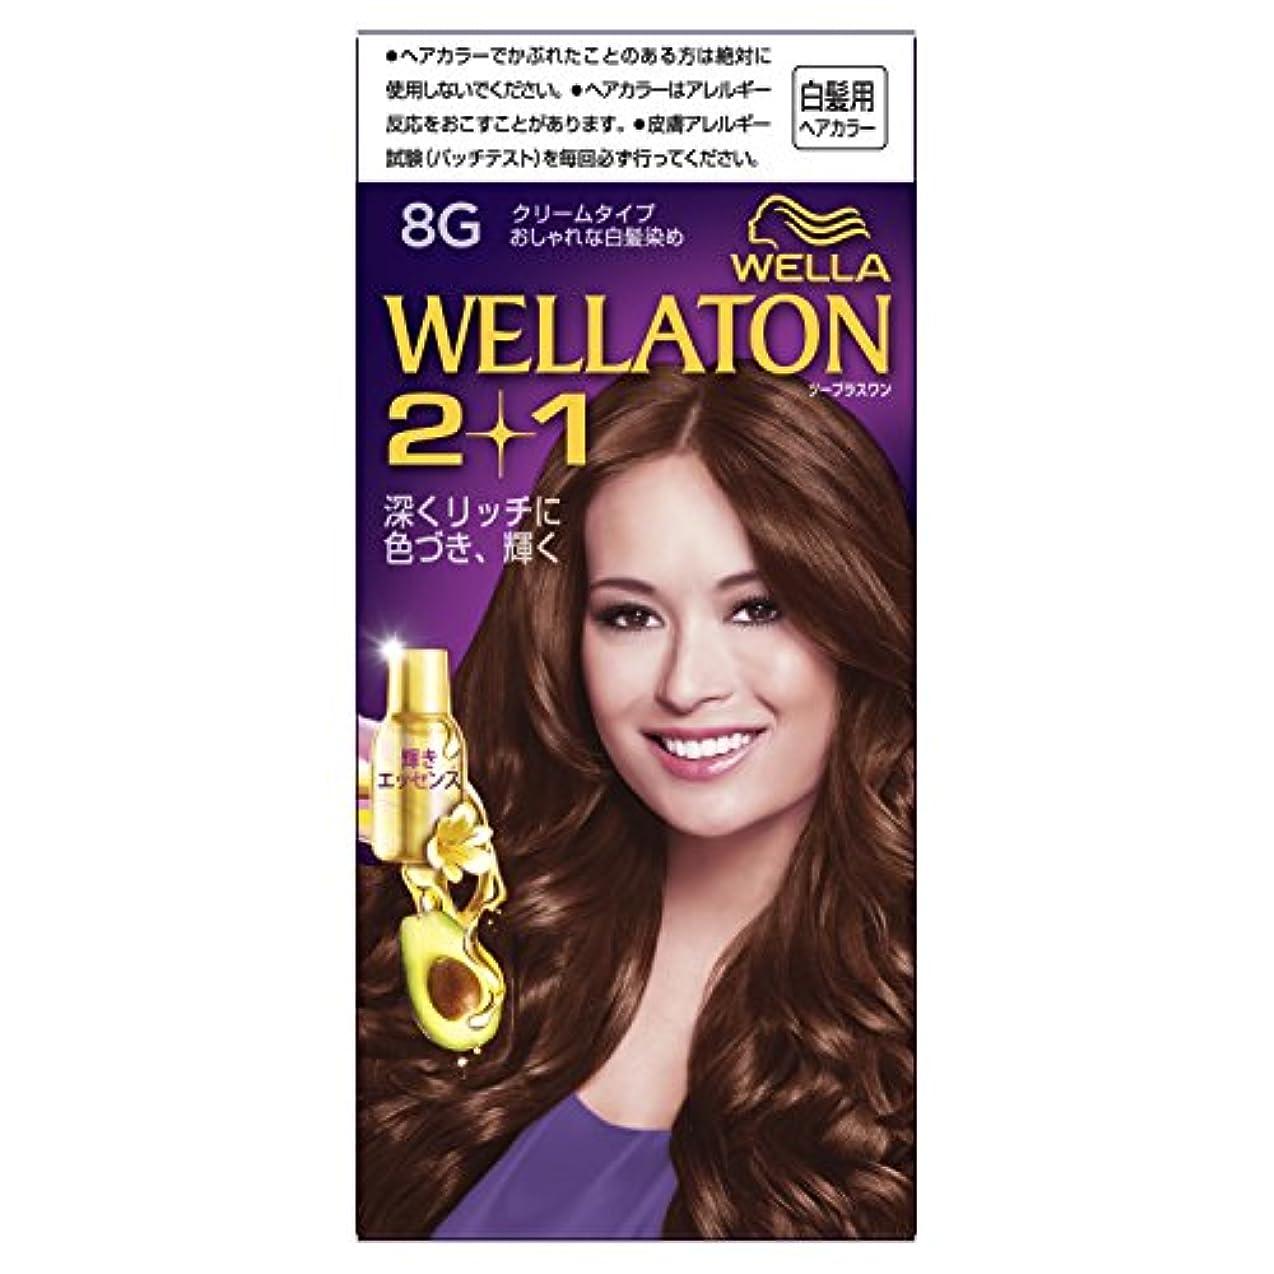 九月ピザ植生ウエラトーン2+1 クリームタイプ 8G [医薬部外品](おしゃれな白髪染め)